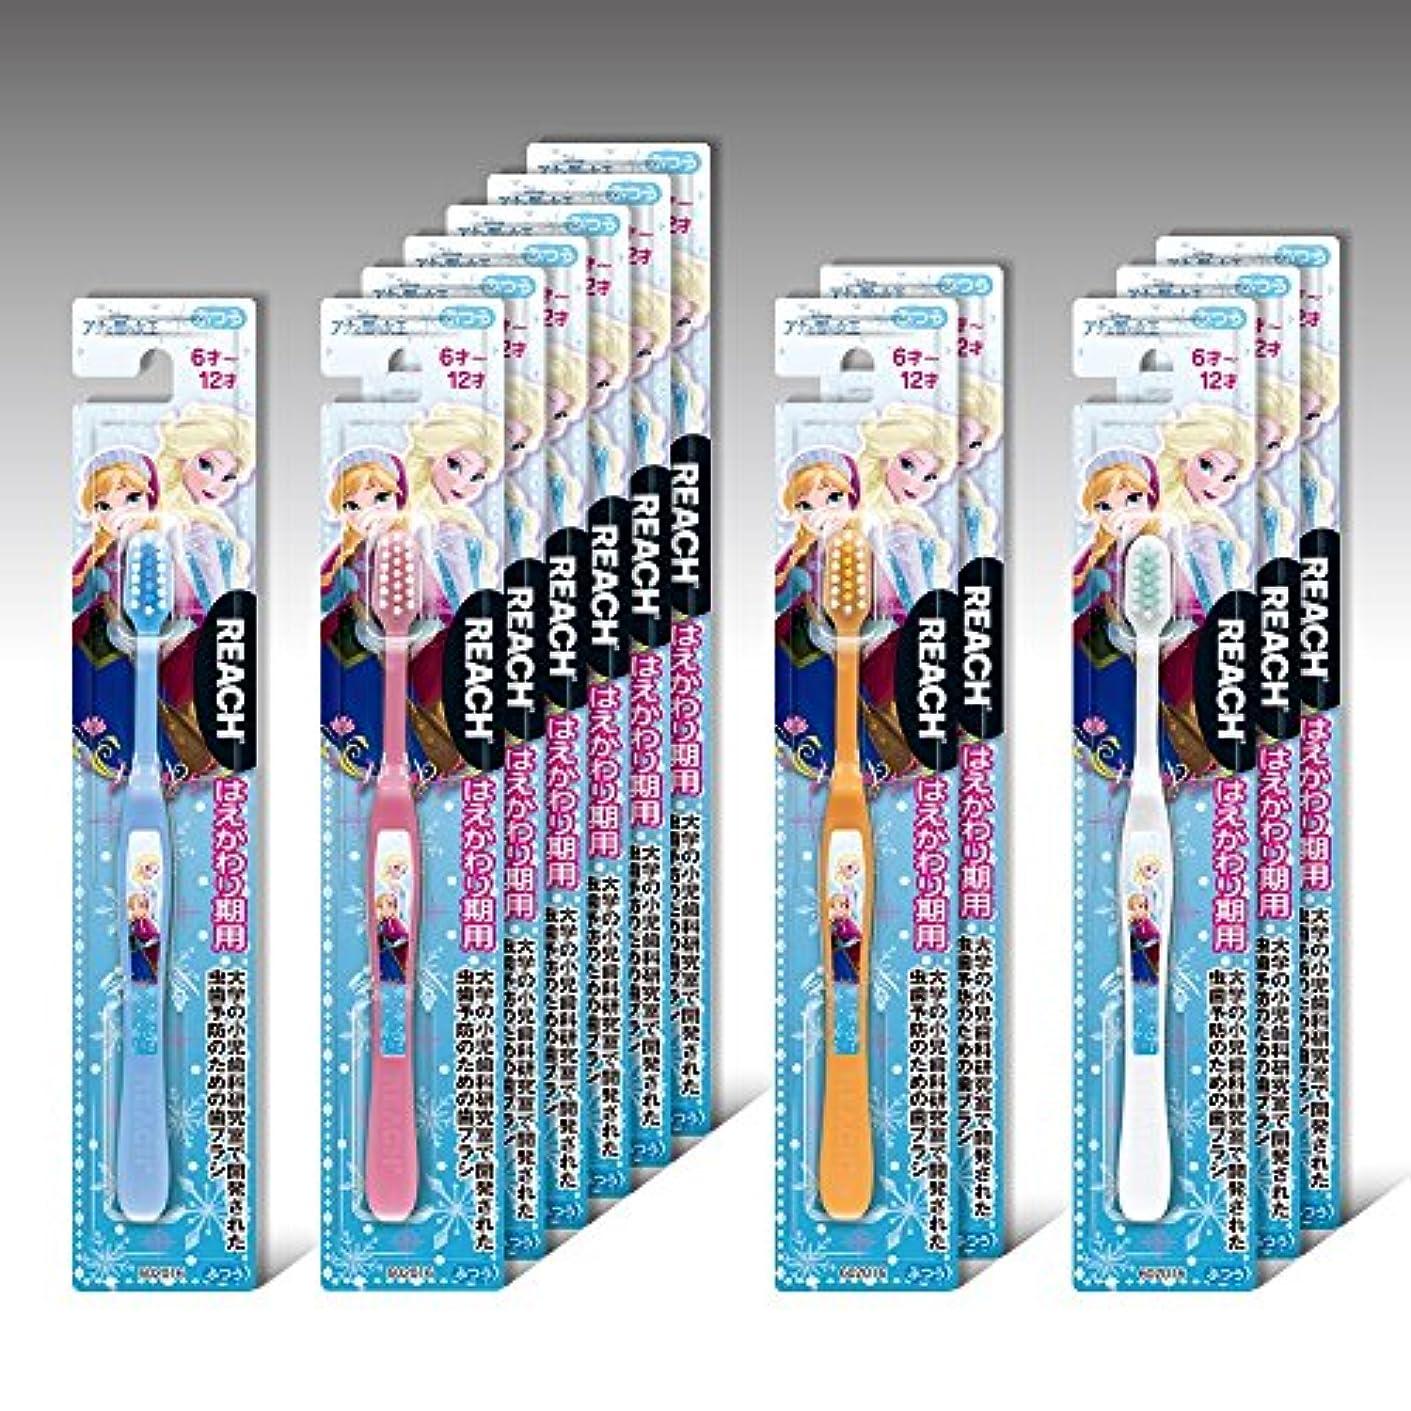 驚かす嫌い見かけ上リーチキッズ ディズニー アナと雪の女王 はえかわり期用(6~12才) 12本セット